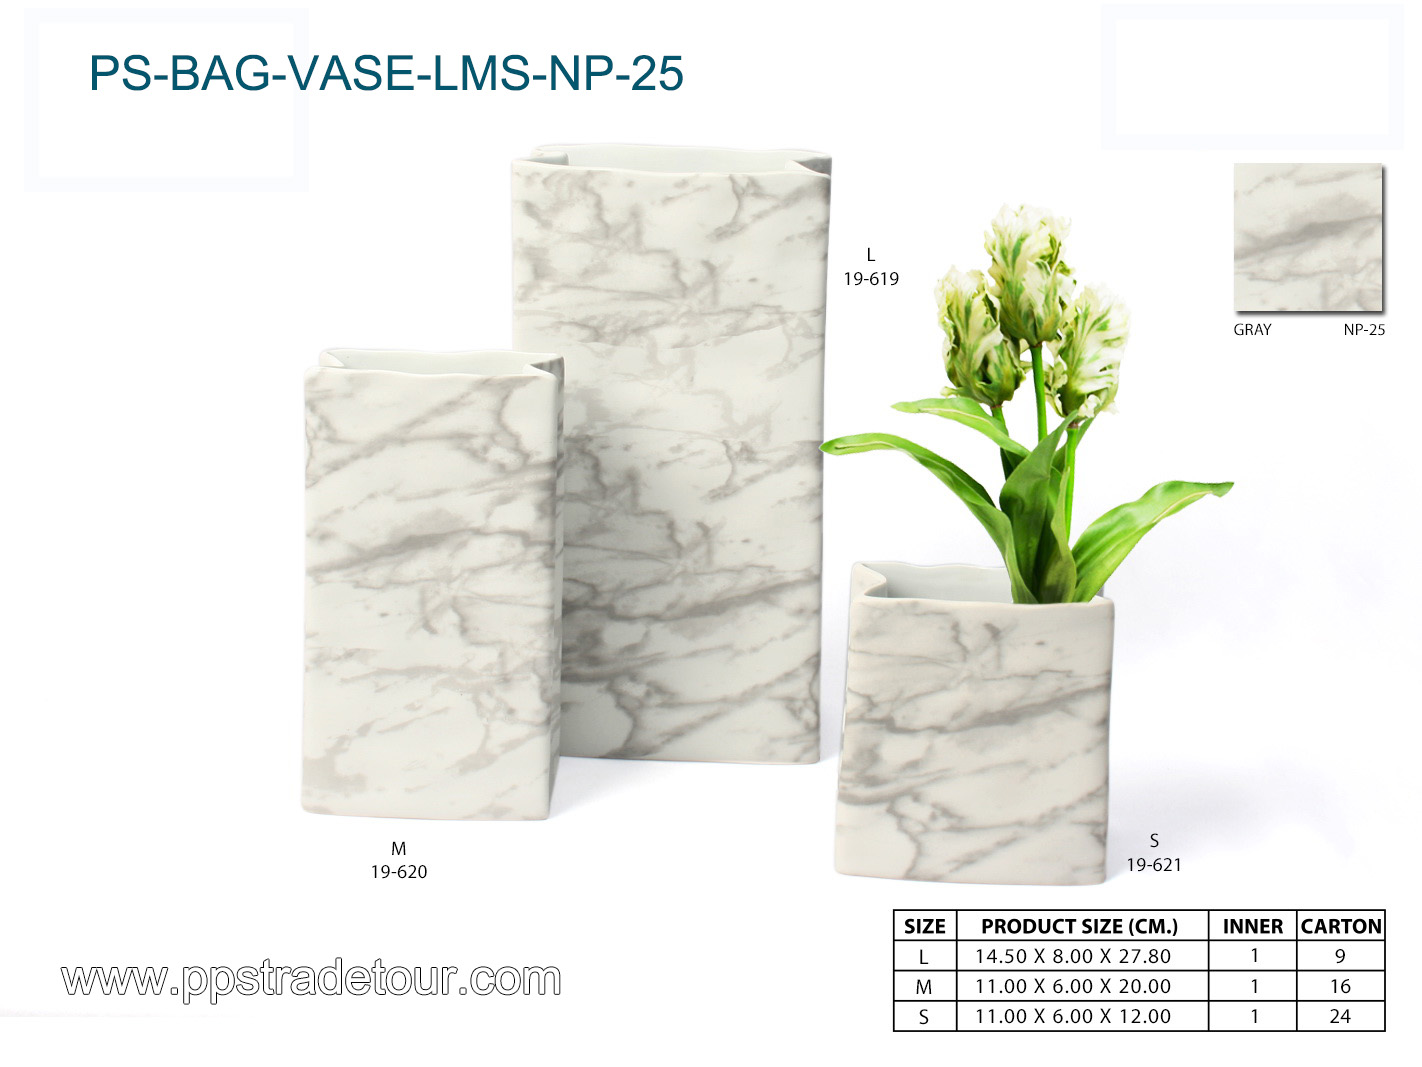 PSCV-BAG-VASE-LMS-NP-25-